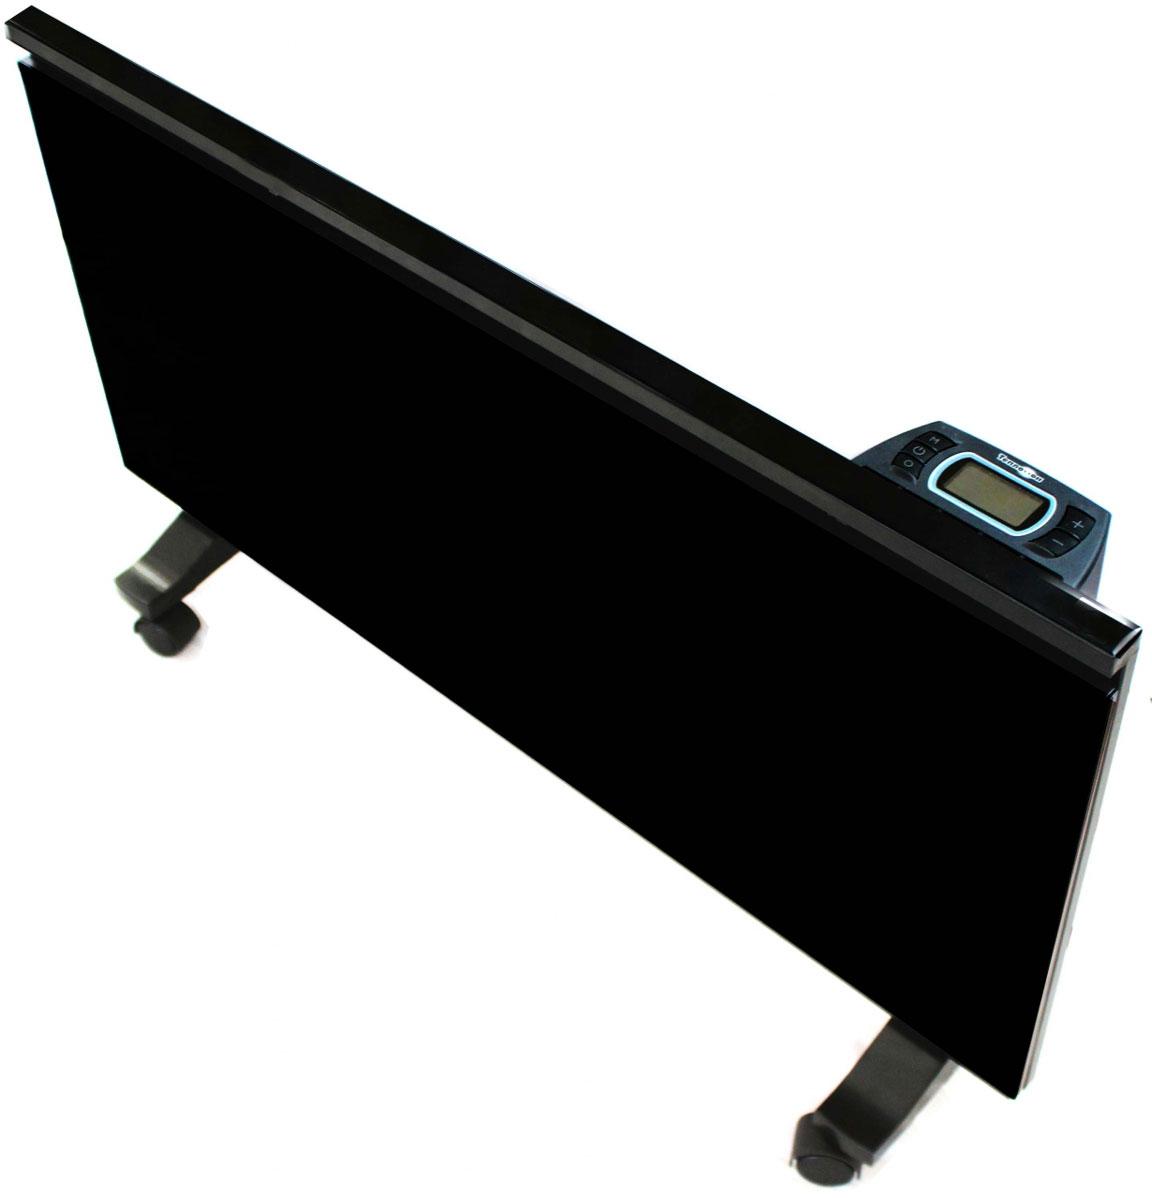 Теплофон Binar-1000, Black электрообогреватель1600000360471Обогреватель Теплофон Binar-1000 является новейшей разработкой российского производителя теплового оборудования. В инновационной разработке российского производителя совмещены два типа обогрева: конвекционный и инфракрасный.После включения комбинированного обогревателя Binar, на первом этапе, прогрев помещения происходит с помощью функции конвекционного обогрева, обеспечивающей быстрый прогрев воздушной массы в помещении. После выхода на заданную встроенным микропроцессорным терморегулятором температуру, происходит отключение энергопрожорливого конвекционного ТЭНа и включается экономичный инфракрасный ТЭН, представляющий собой переднюю стеклянную поверхность обогревателя, нагревающуюся до температуры 90°СВ результате такого инновационного подхода дальнейший догрев и подогрев помещения осуществляется с помощью энергосберегающей технологии инфракрасного обогрева. В то же время за счет конвекционного тэна происходит быстрый прогрев воздуха в помещении.Производителем предусмотрен вариант настенного крепления, с помощью настенного кронштейна, идущего в комплекте с обогревателем. Для использования в качестве напольного обогревателя, необходимо использовать ролики, которыми также комплектуется данная модель инфракрасного обогревателя.